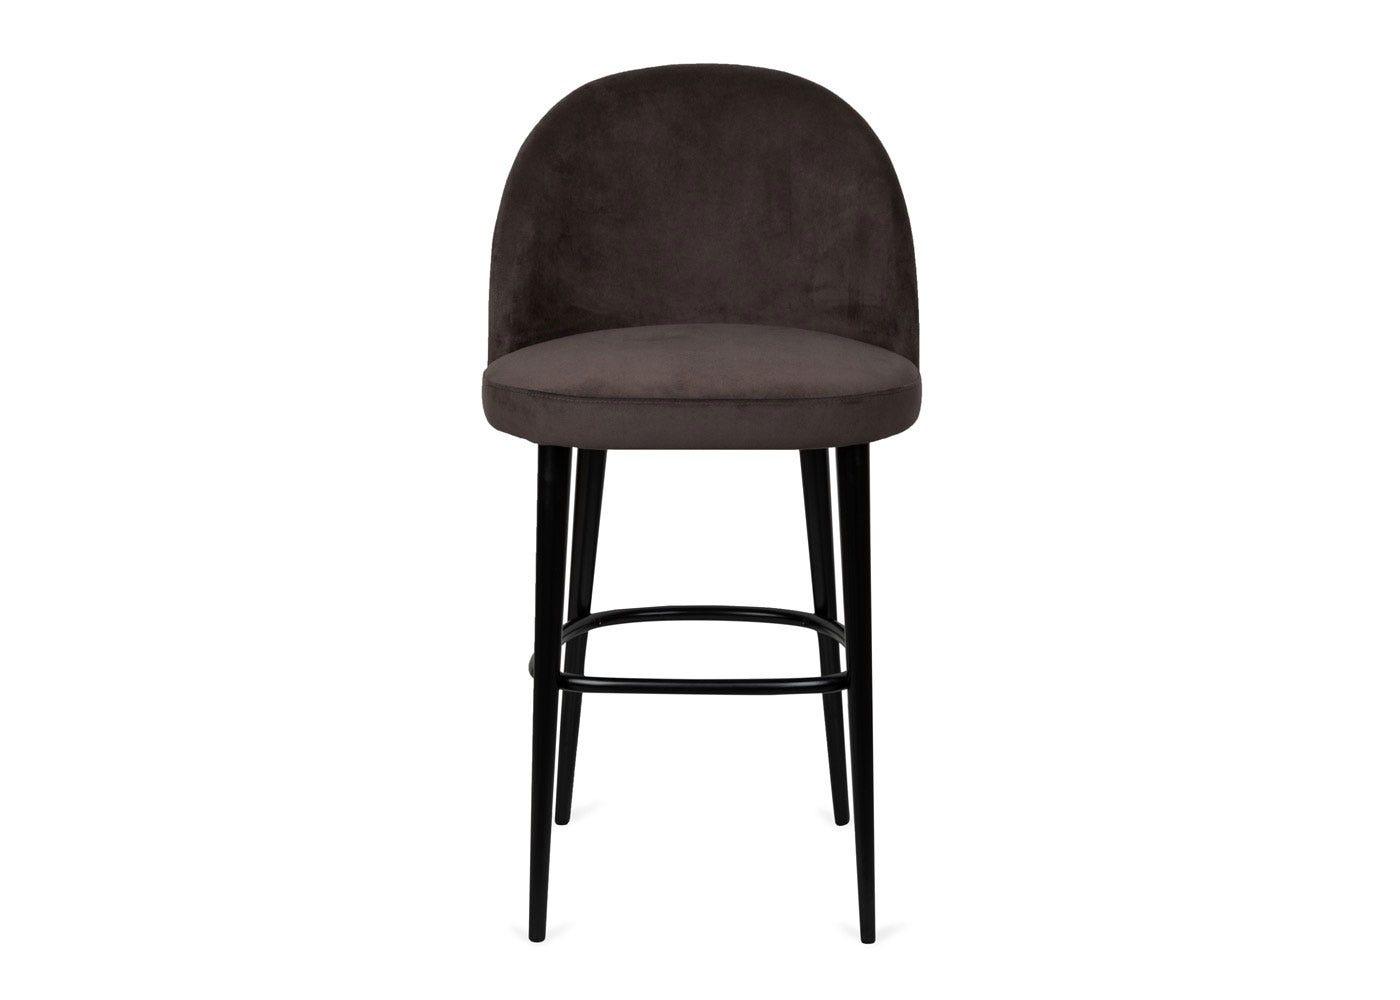 As shown: Austen bar stool plush velvet asphalt - Front profile.